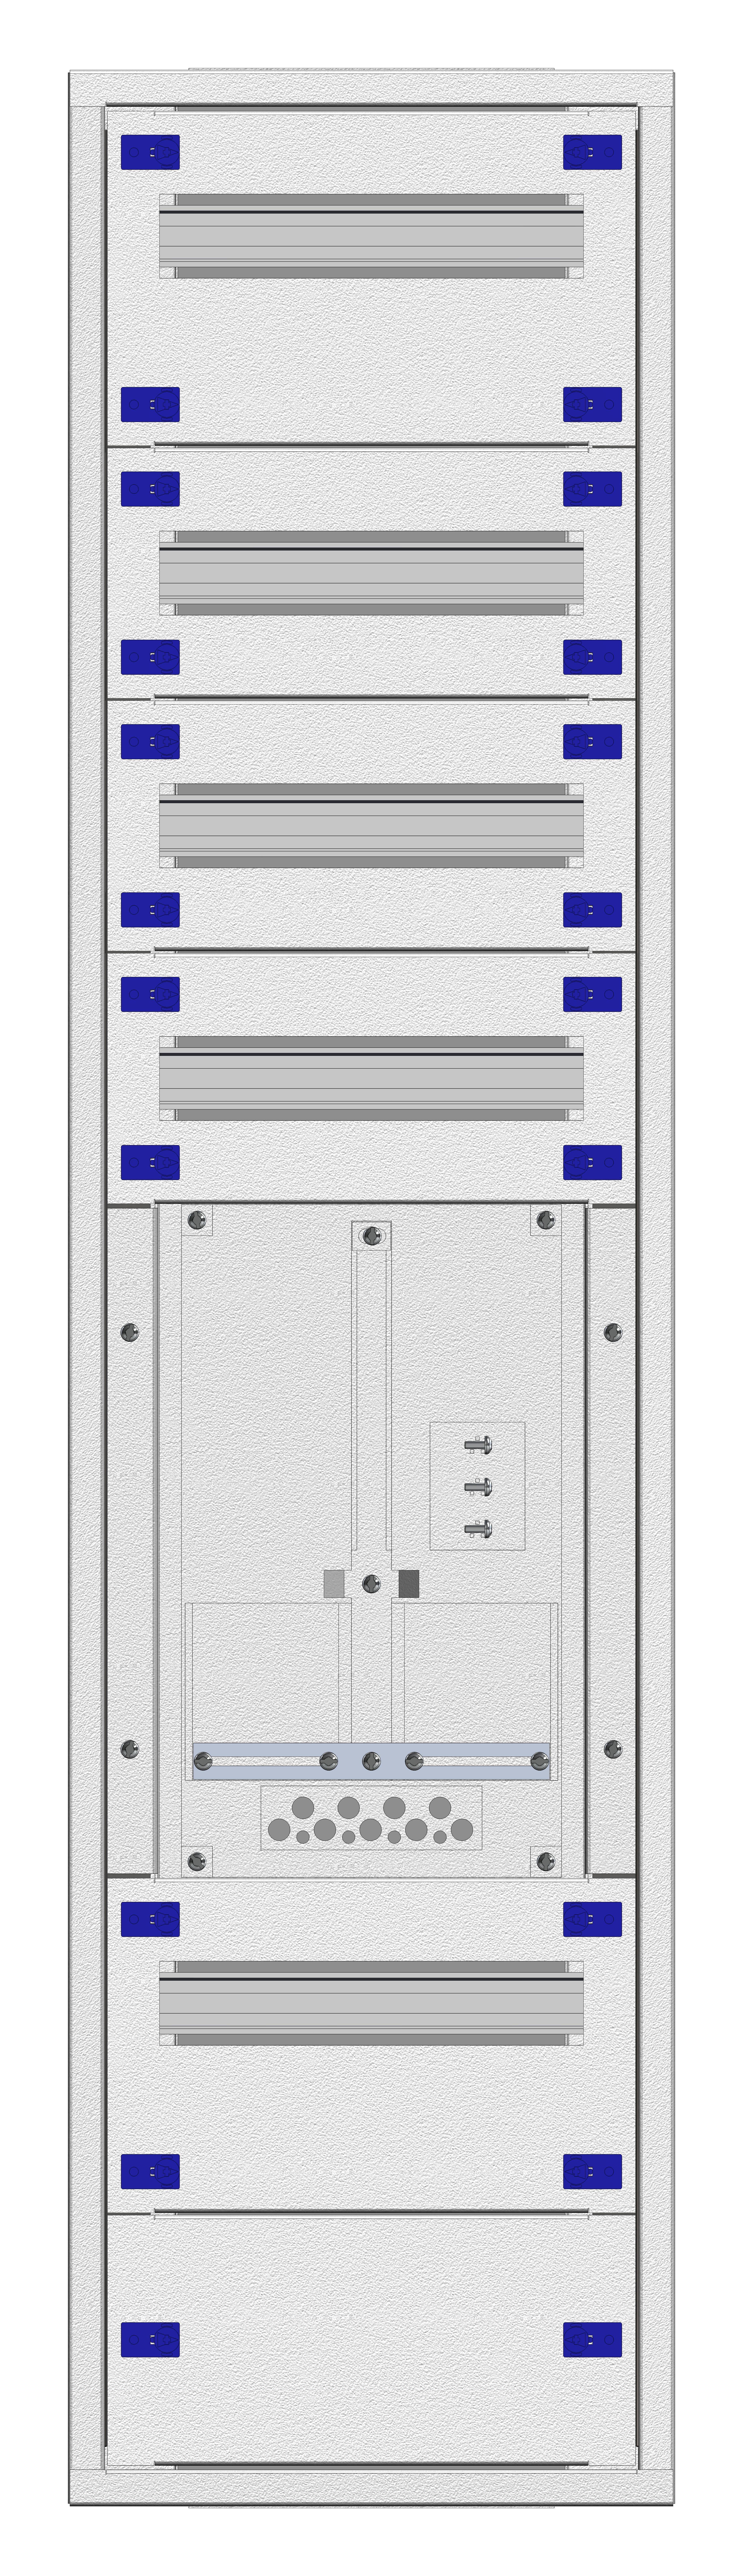 1 Stk Aufputz-Zählerverteiler 1A-28E/WIEN 1ZP, H1380B380T250mm IL160128WS